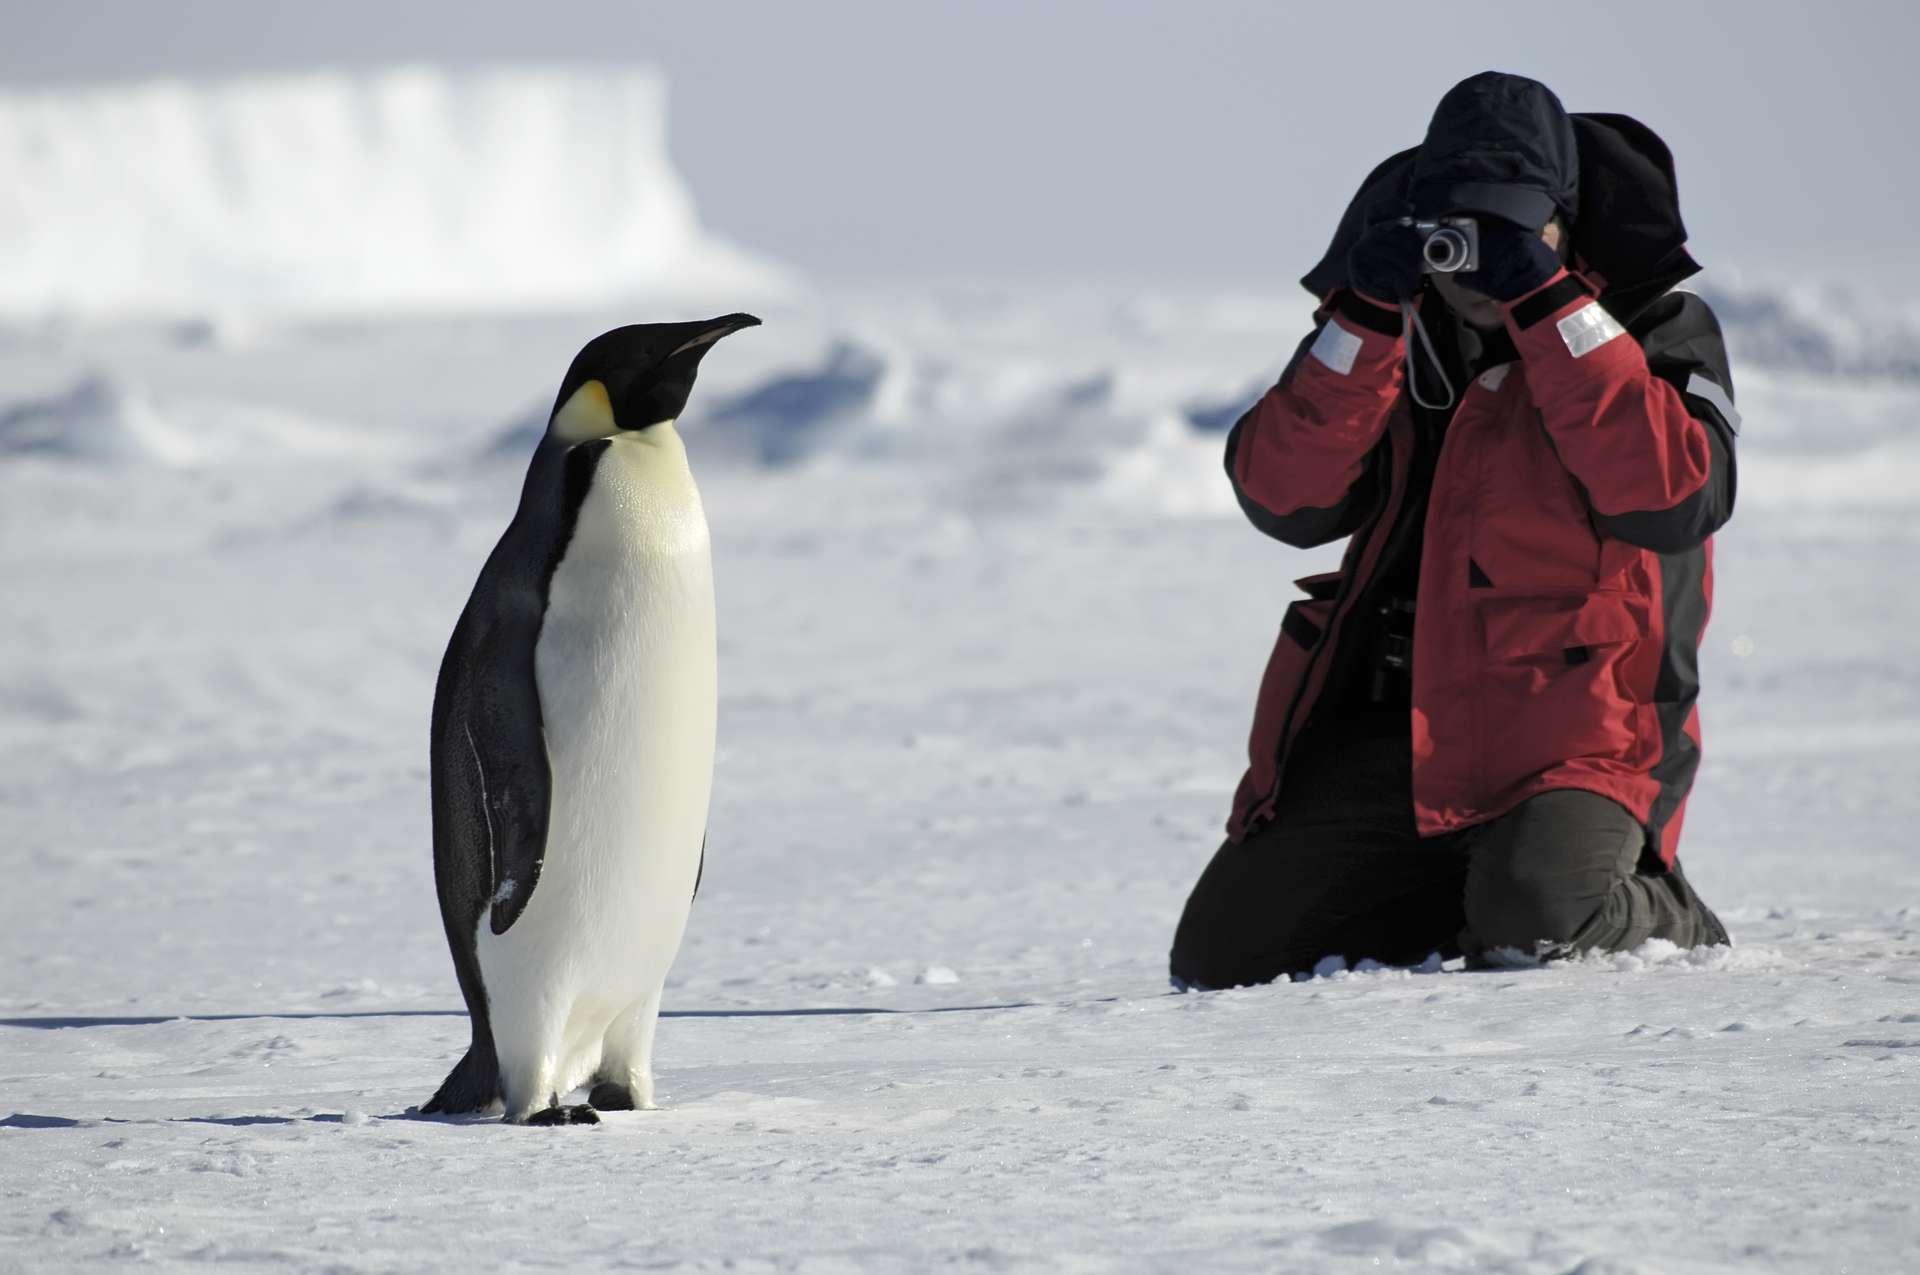 Si certains navigateurs en avaient déjà aperçu une partie avant, ce n'est qu'en 1819 que l'Antarctique fut officiellement découvert, grâce à l'expédition menée par le capitaine William Smith. © Staphy, Adobe Stock